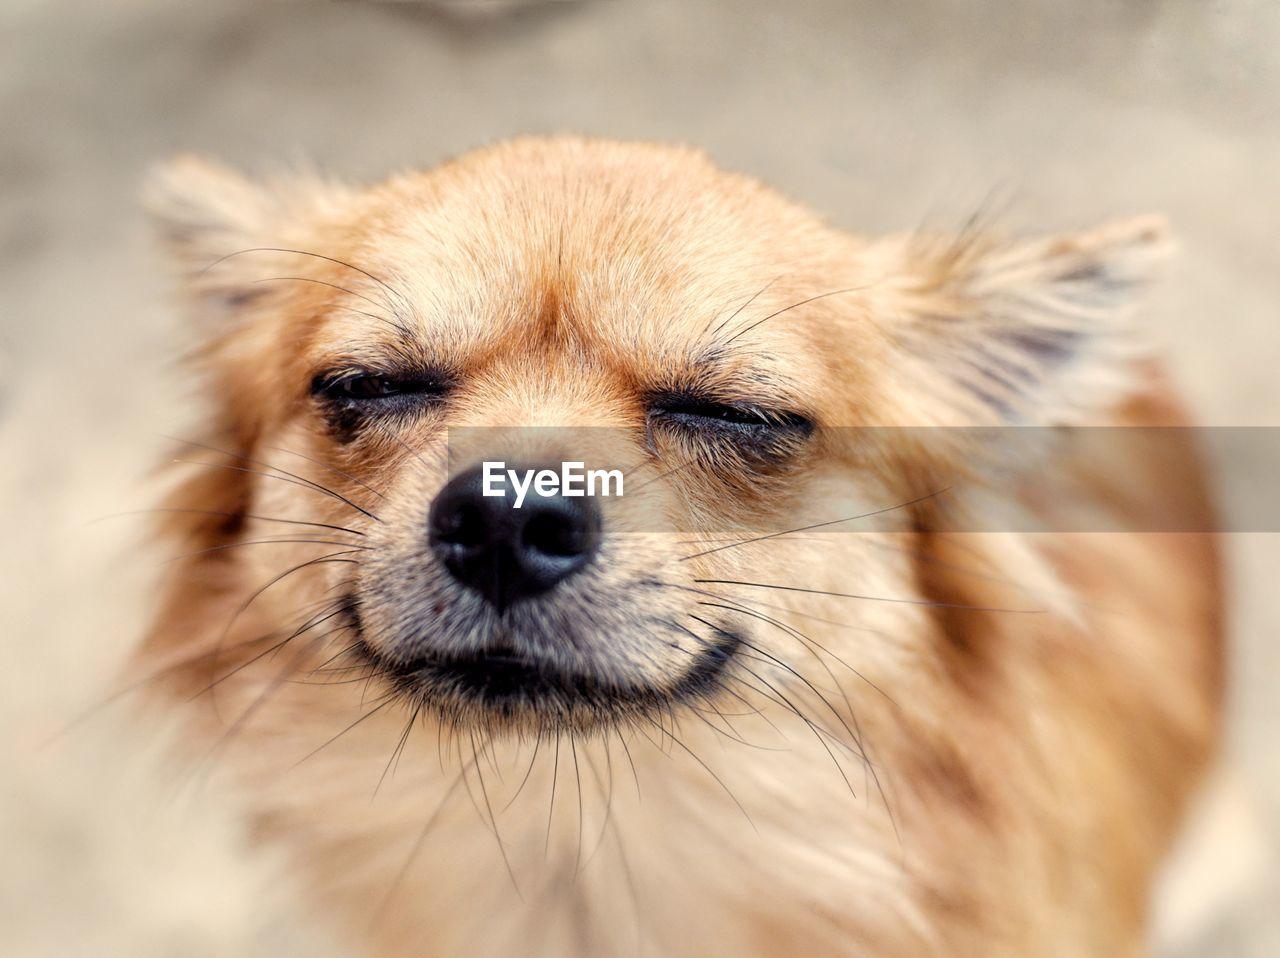 Chihuahua dog close its eyes